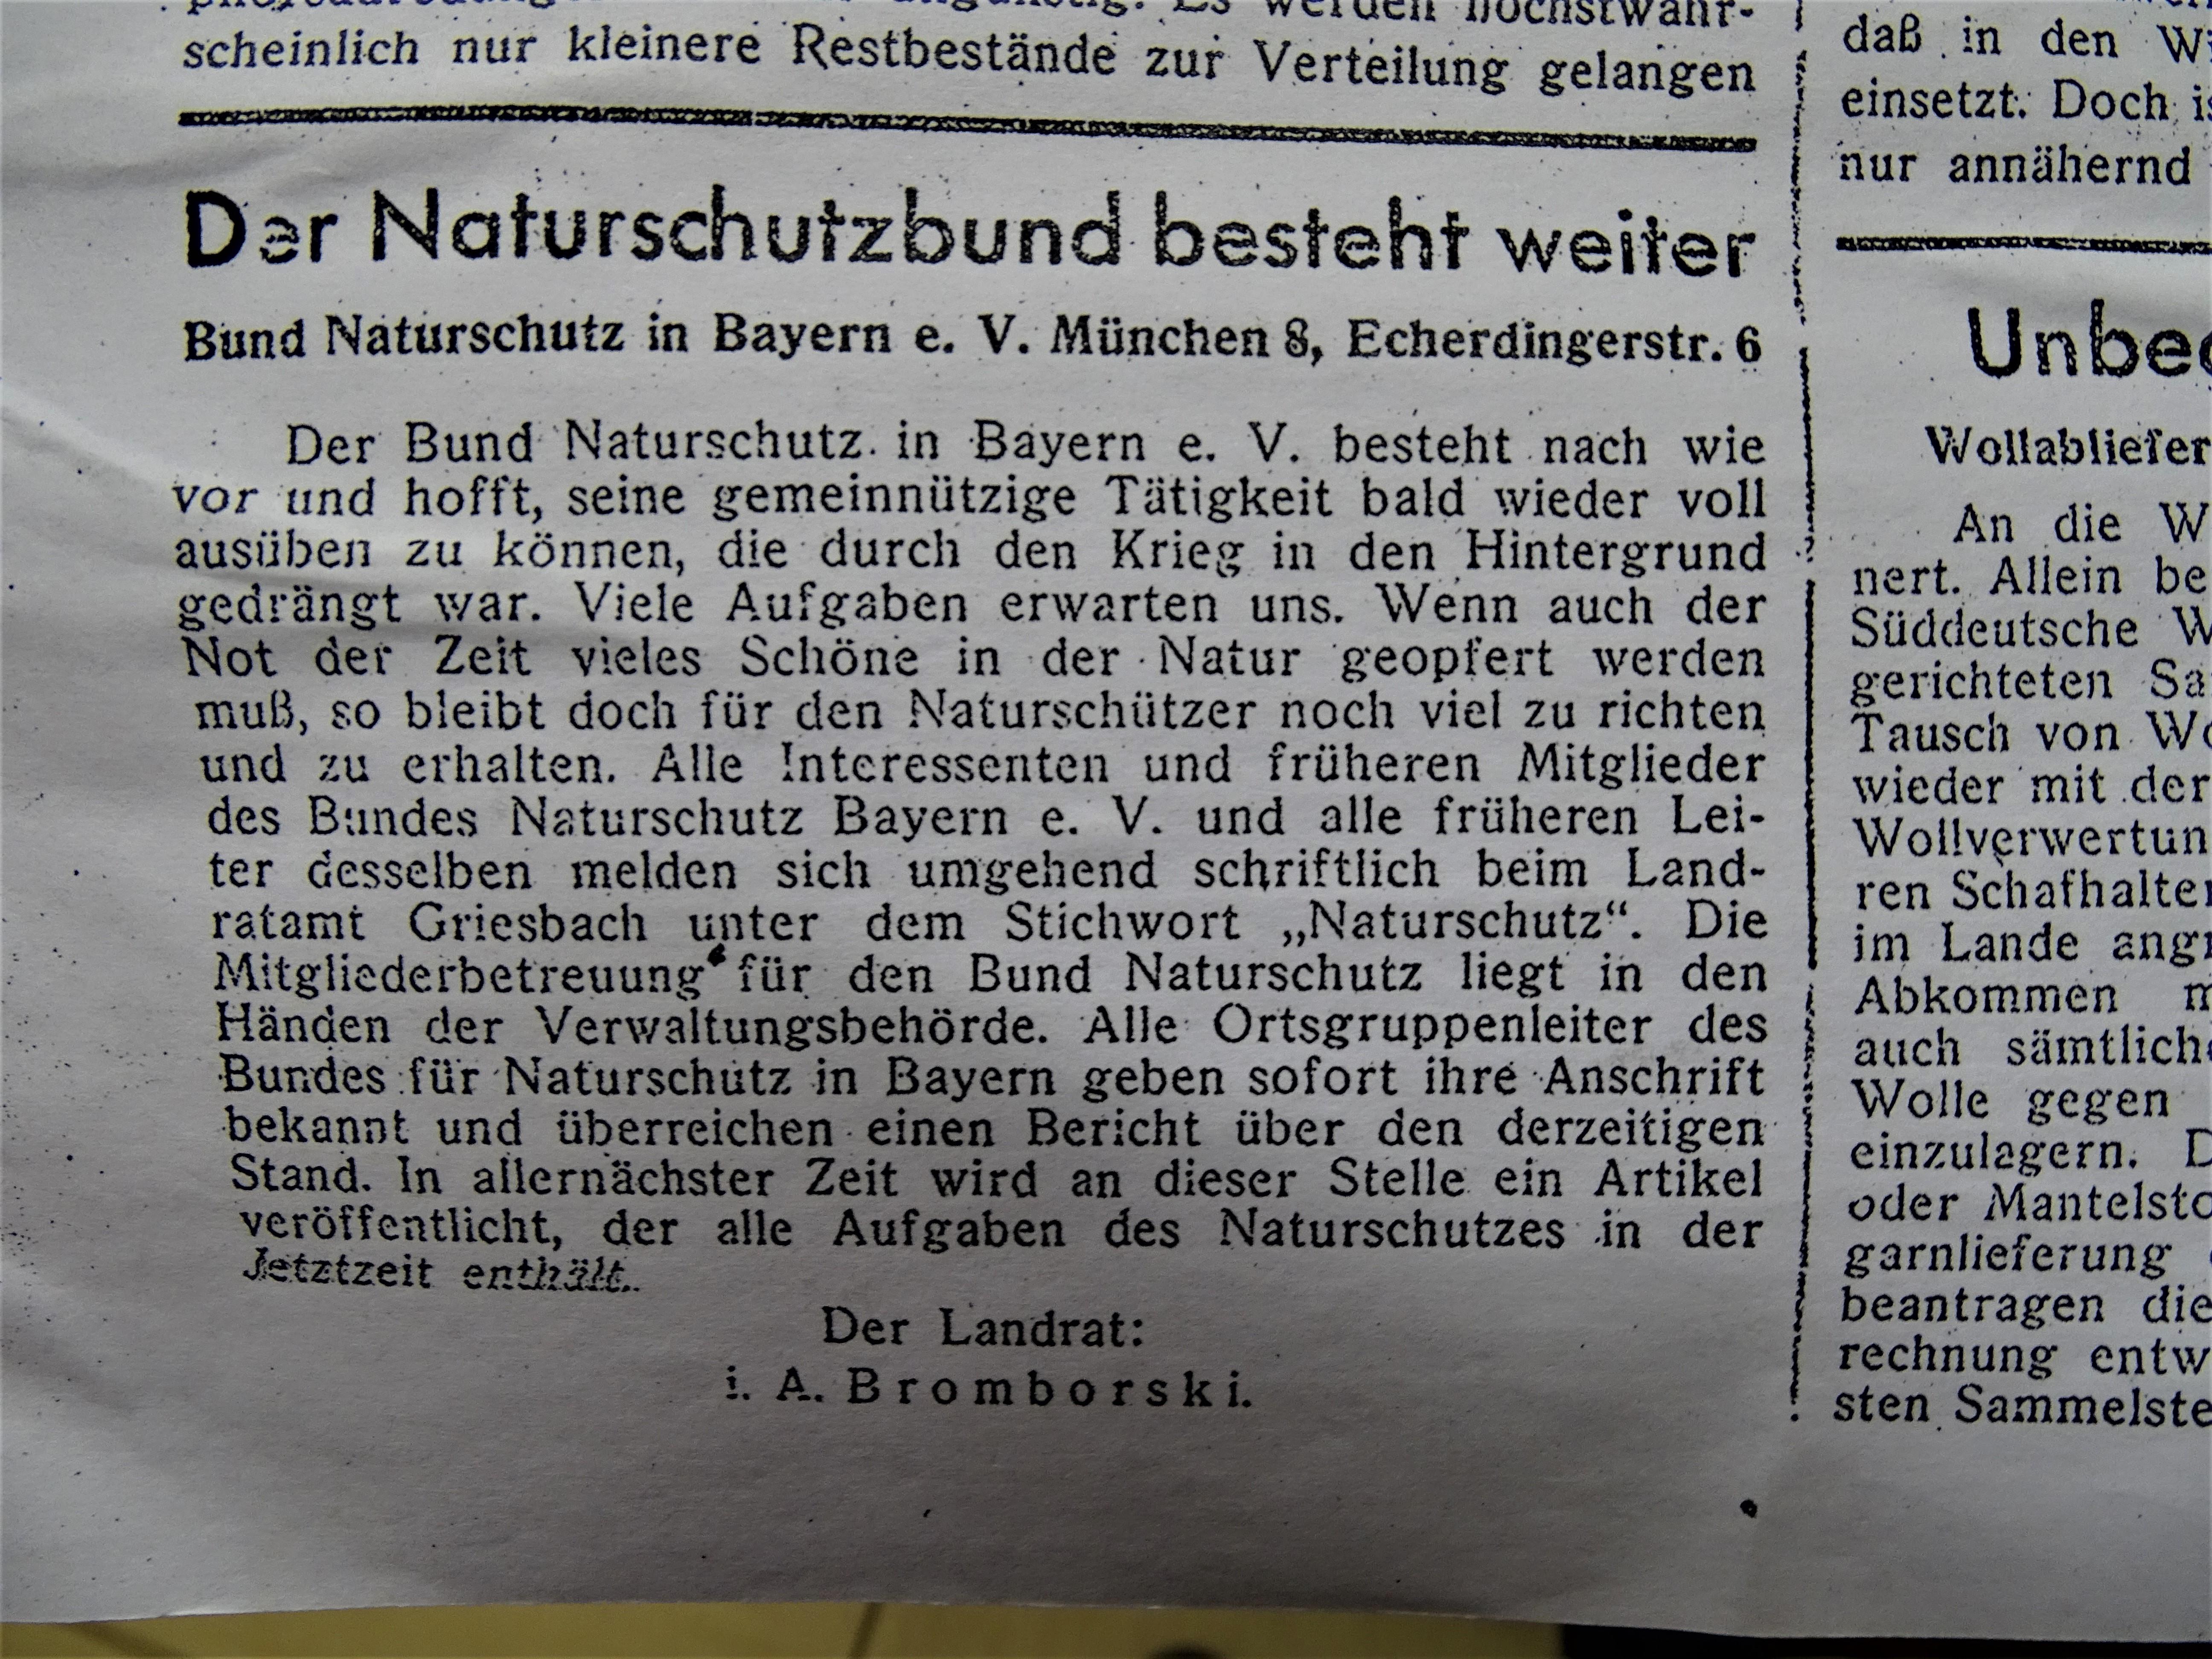 7-Bund_naturschutz_1945